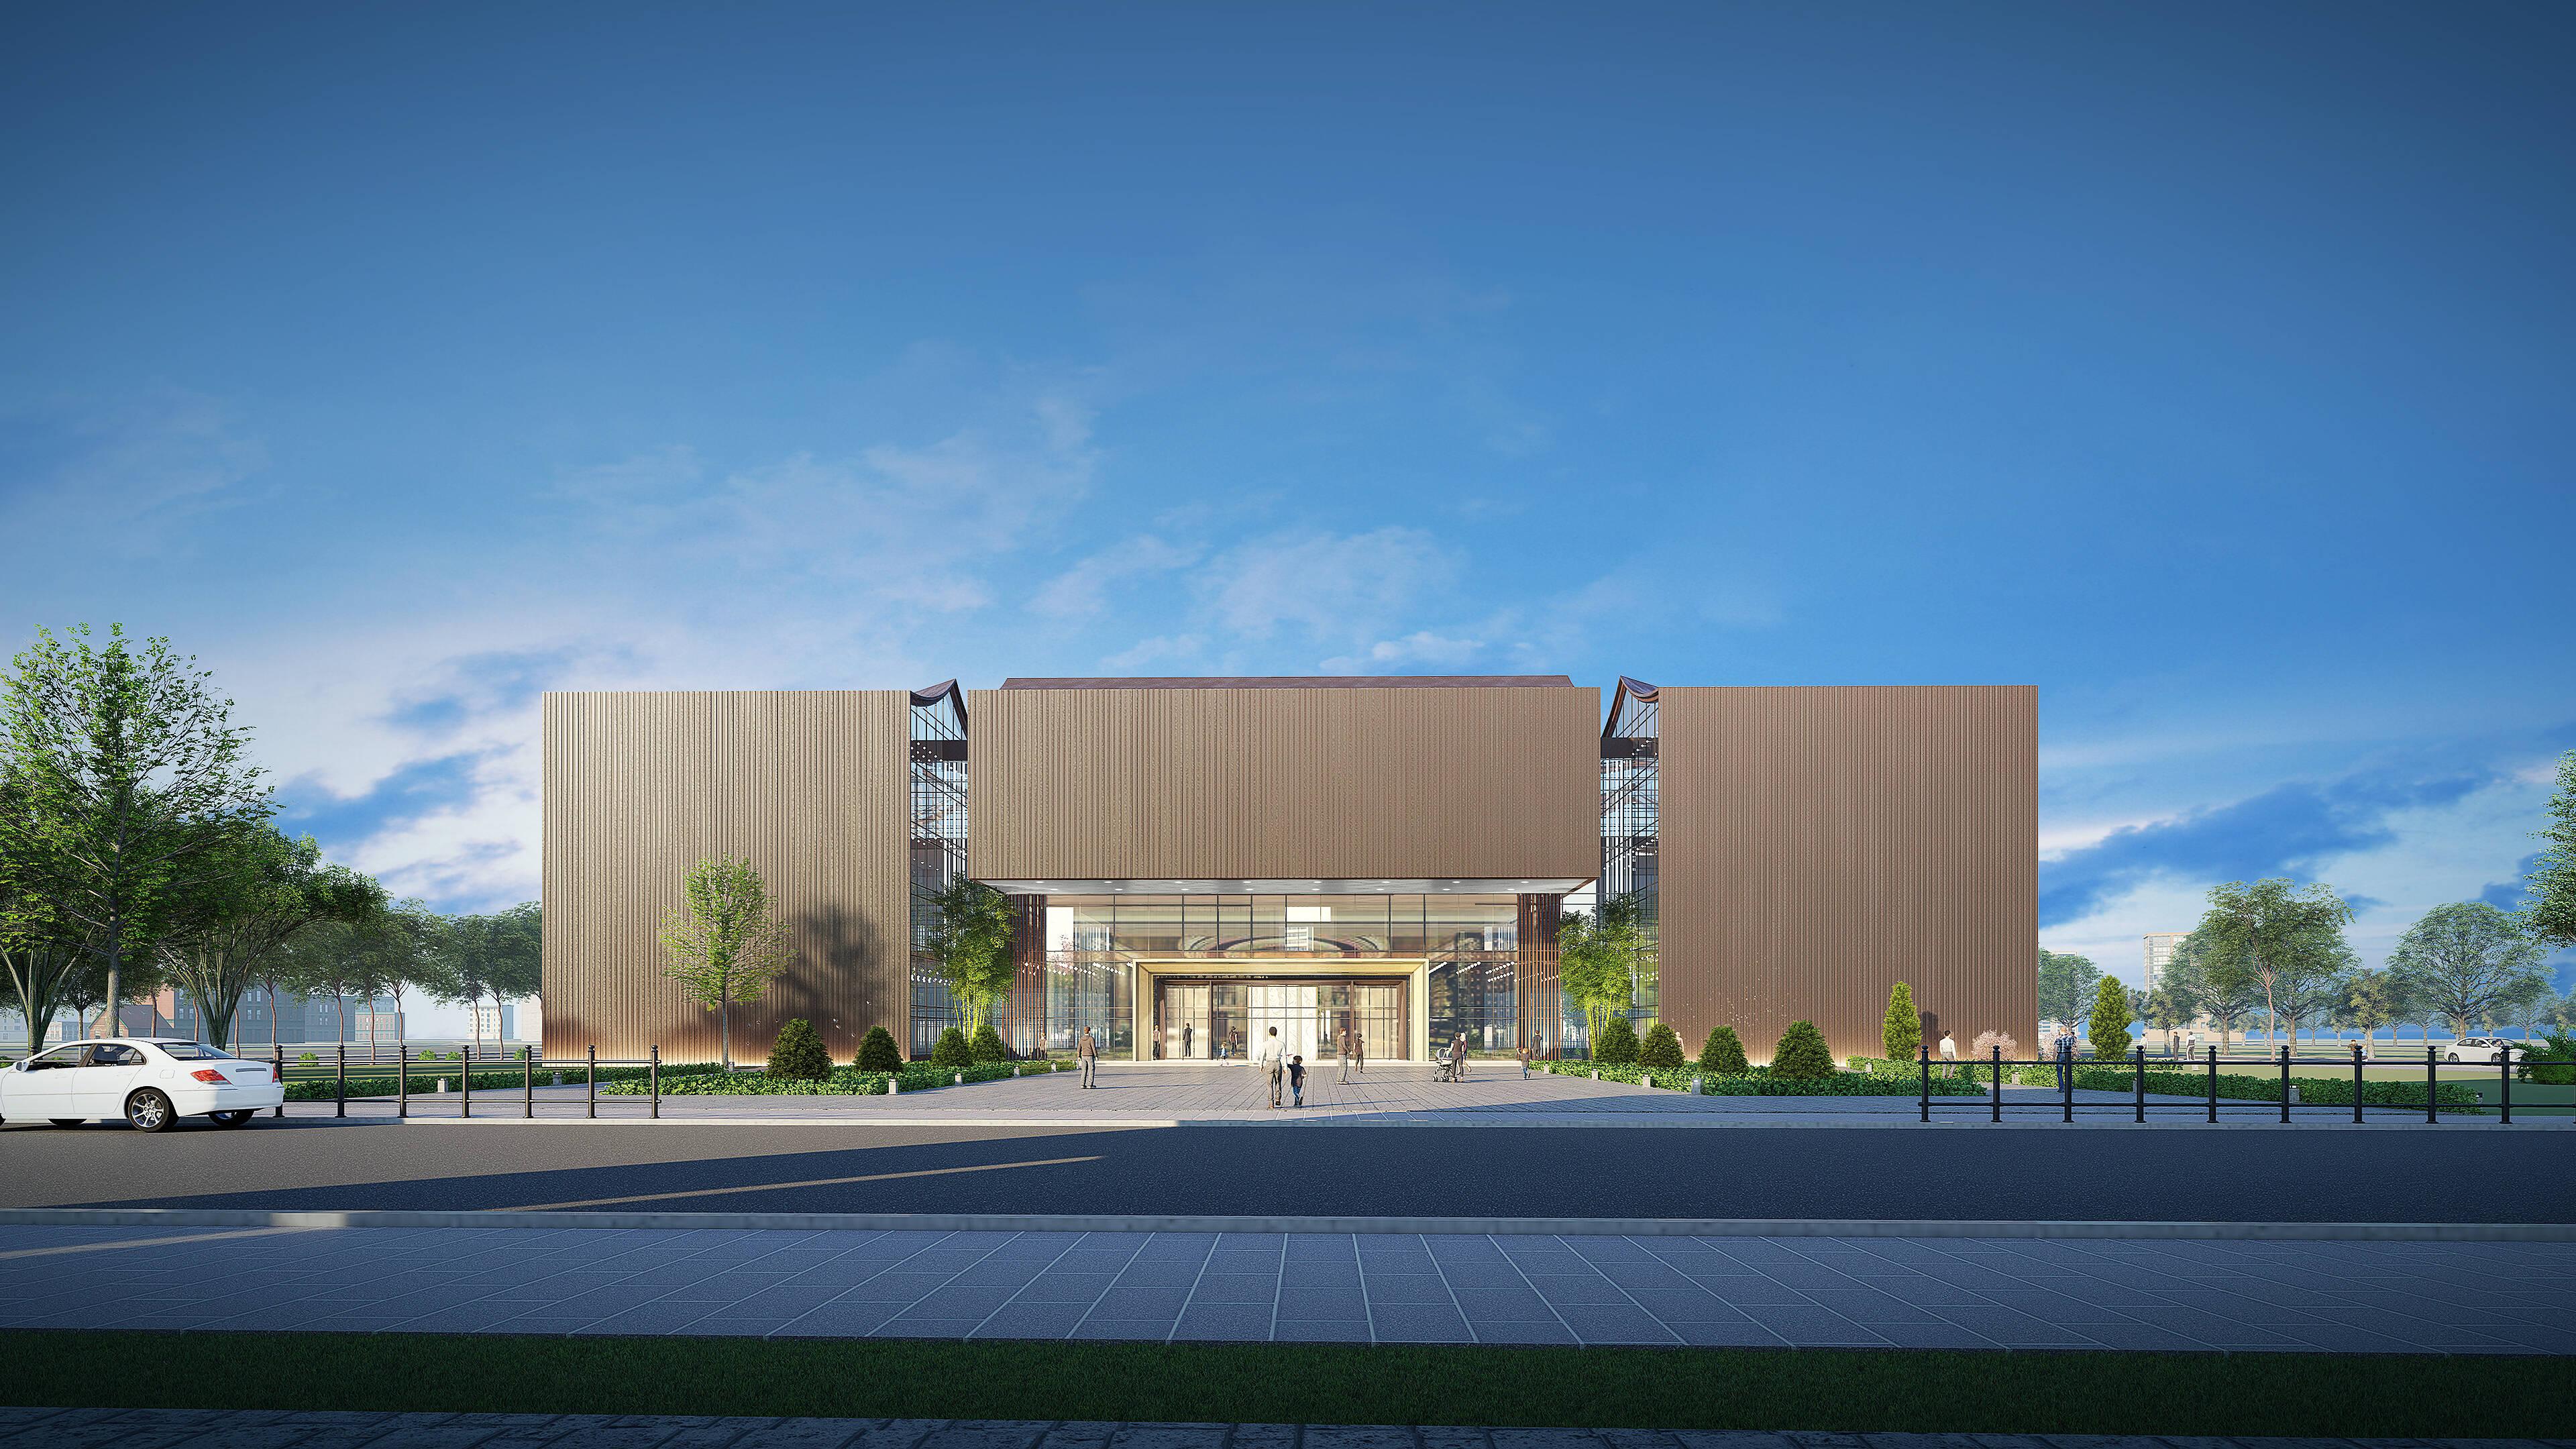 23秒丨日照海曲音乐厅项目预计年底前完成主体建设